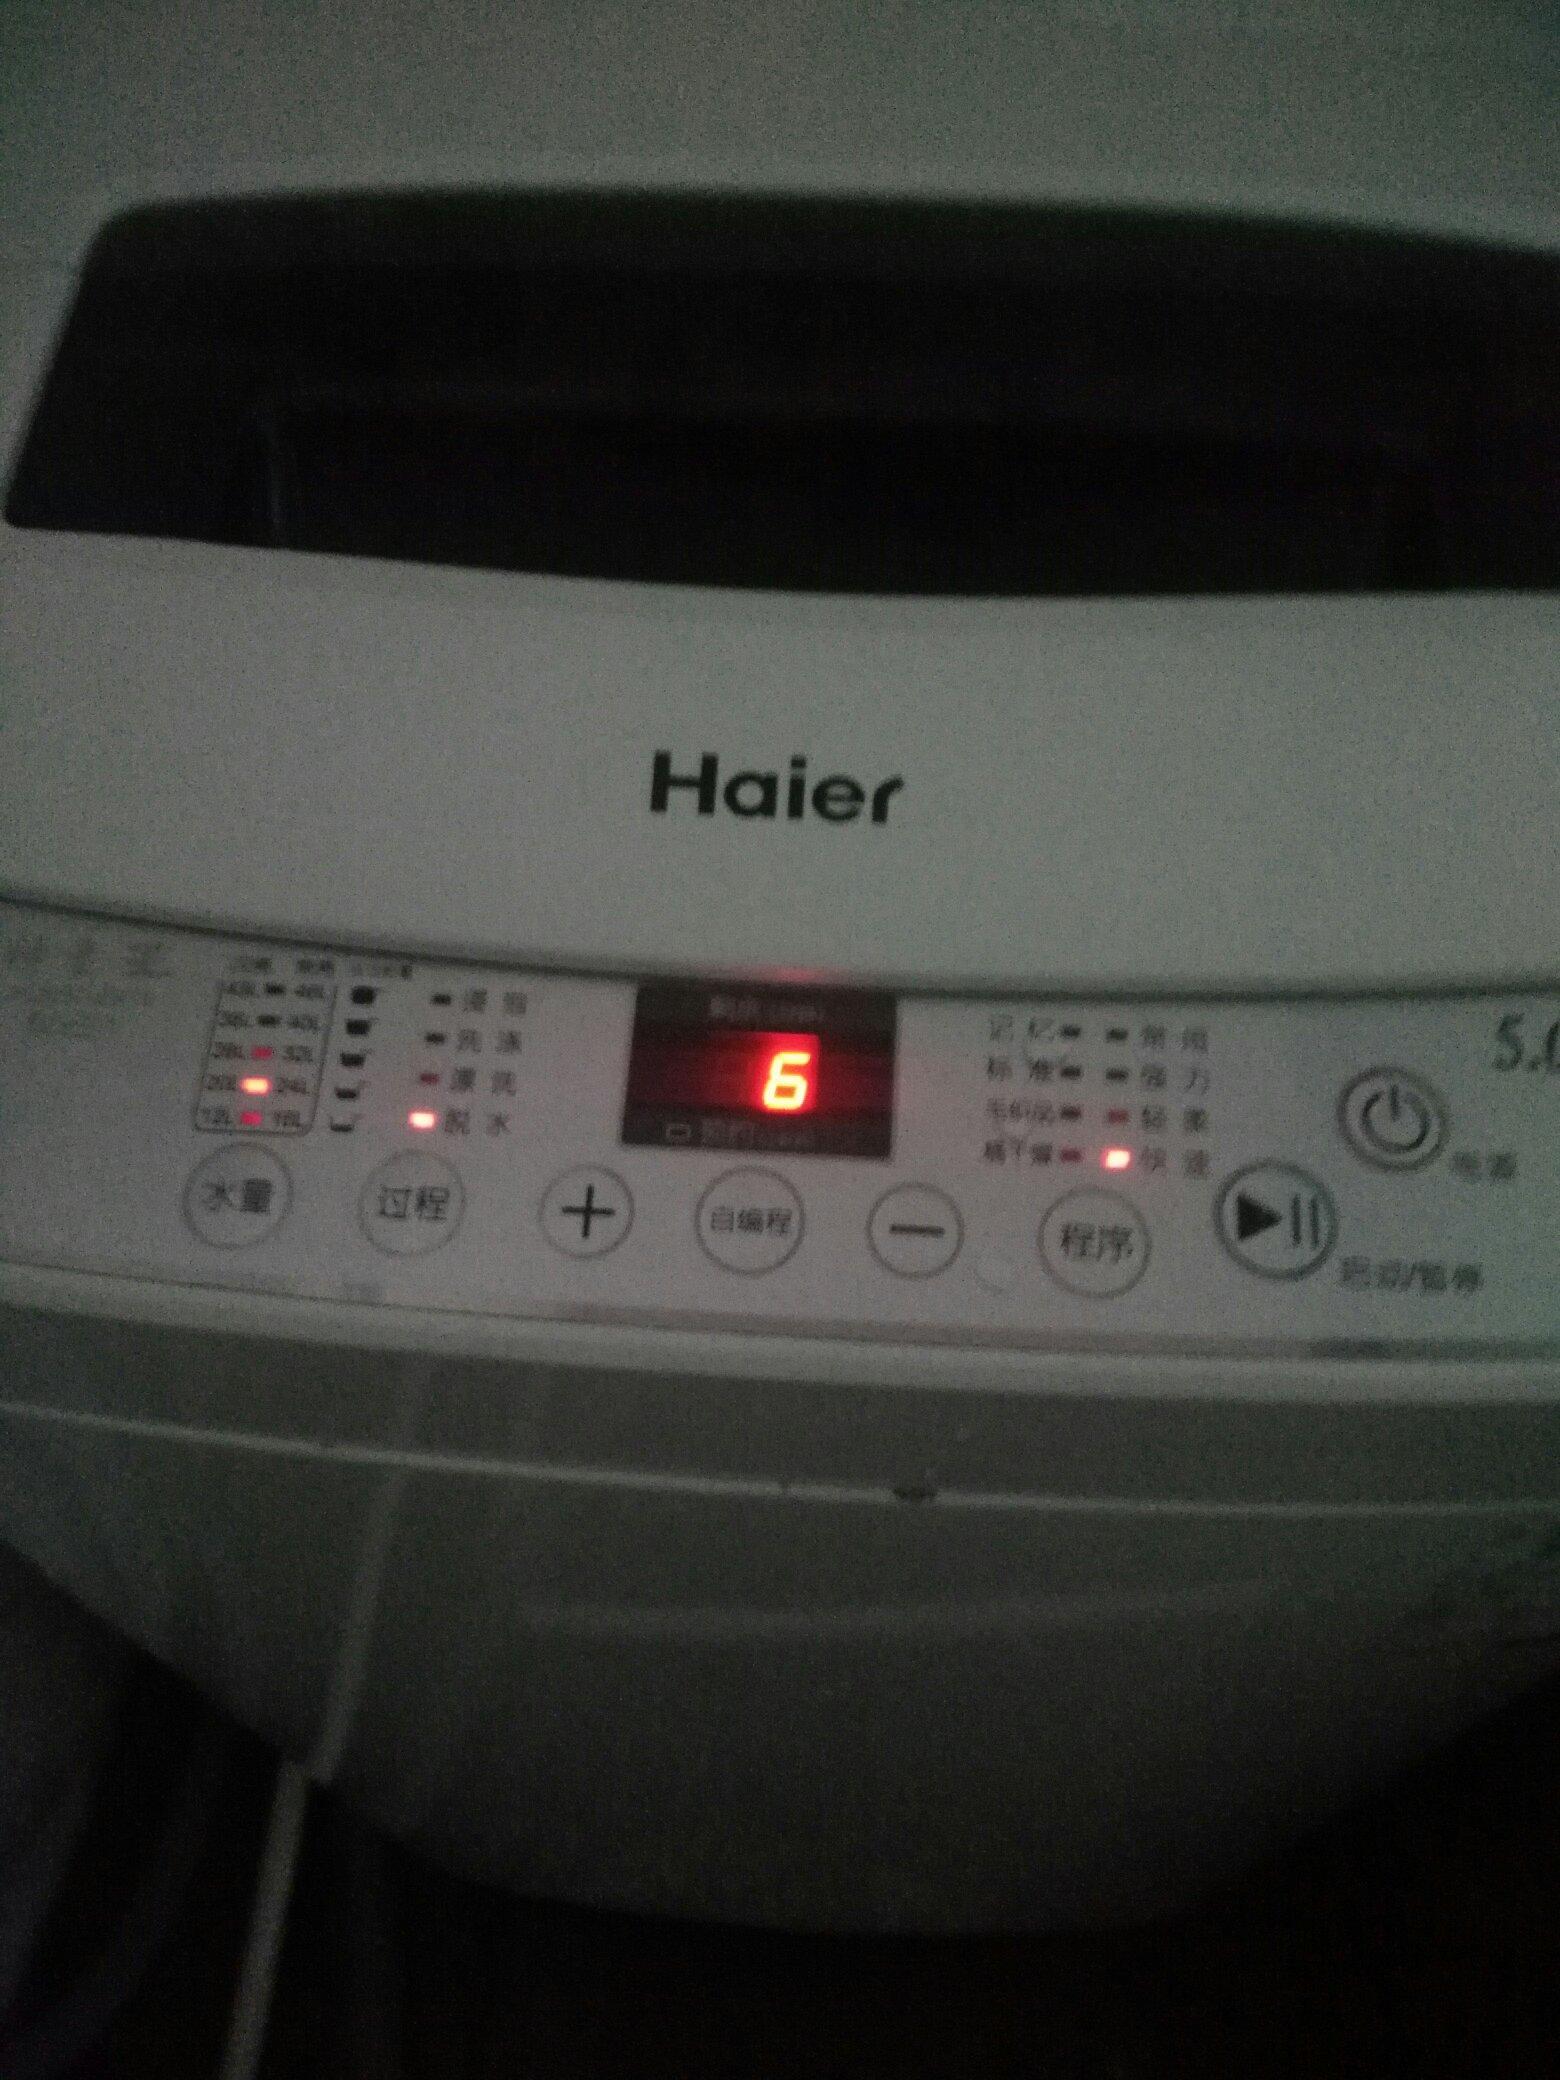 【西安泰虎】关于昨天洗衣机洗棉布 西安观赏鱼信息 西安博特第2张